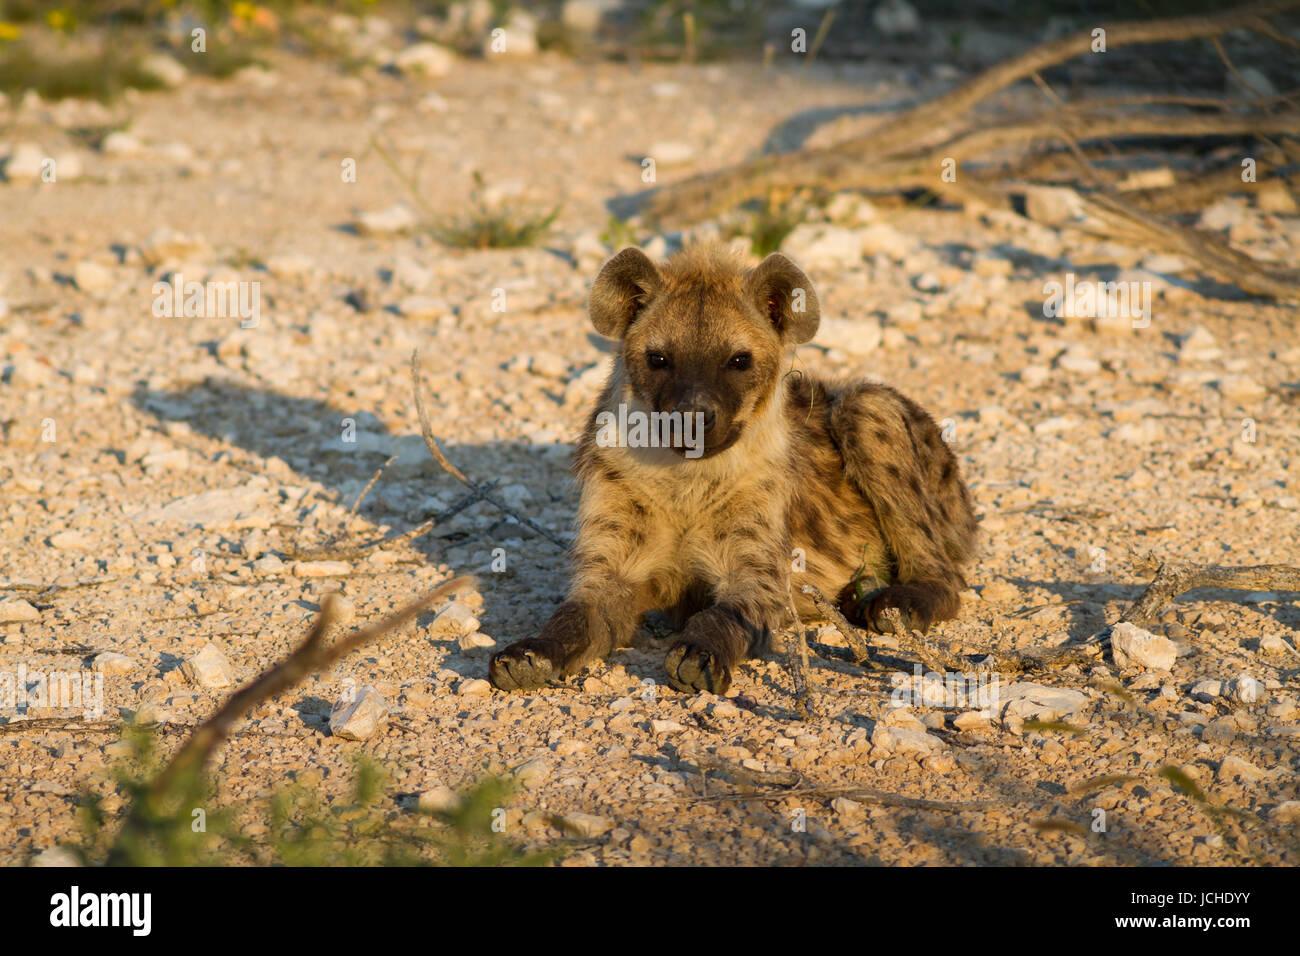 Close up of a spotted hyena, Etosha National Park, Namibia, Africa Stock Photo